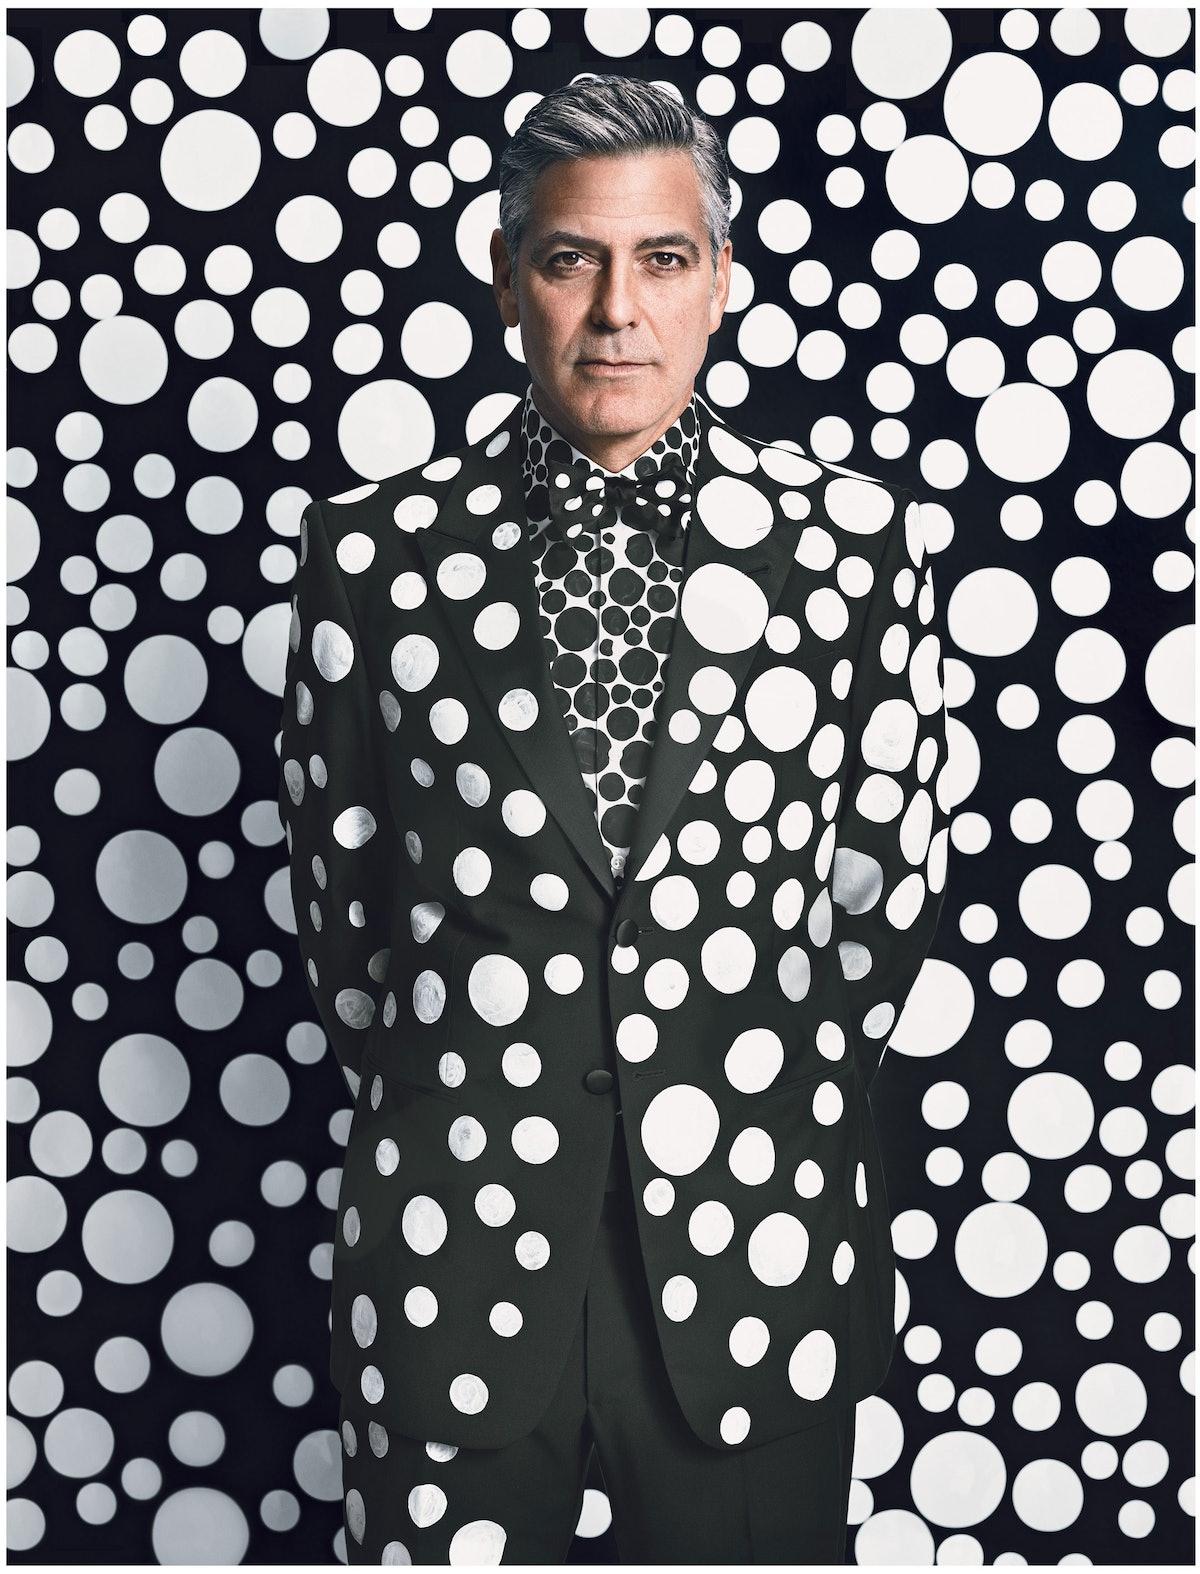 George Clooney Yayoi Kusama